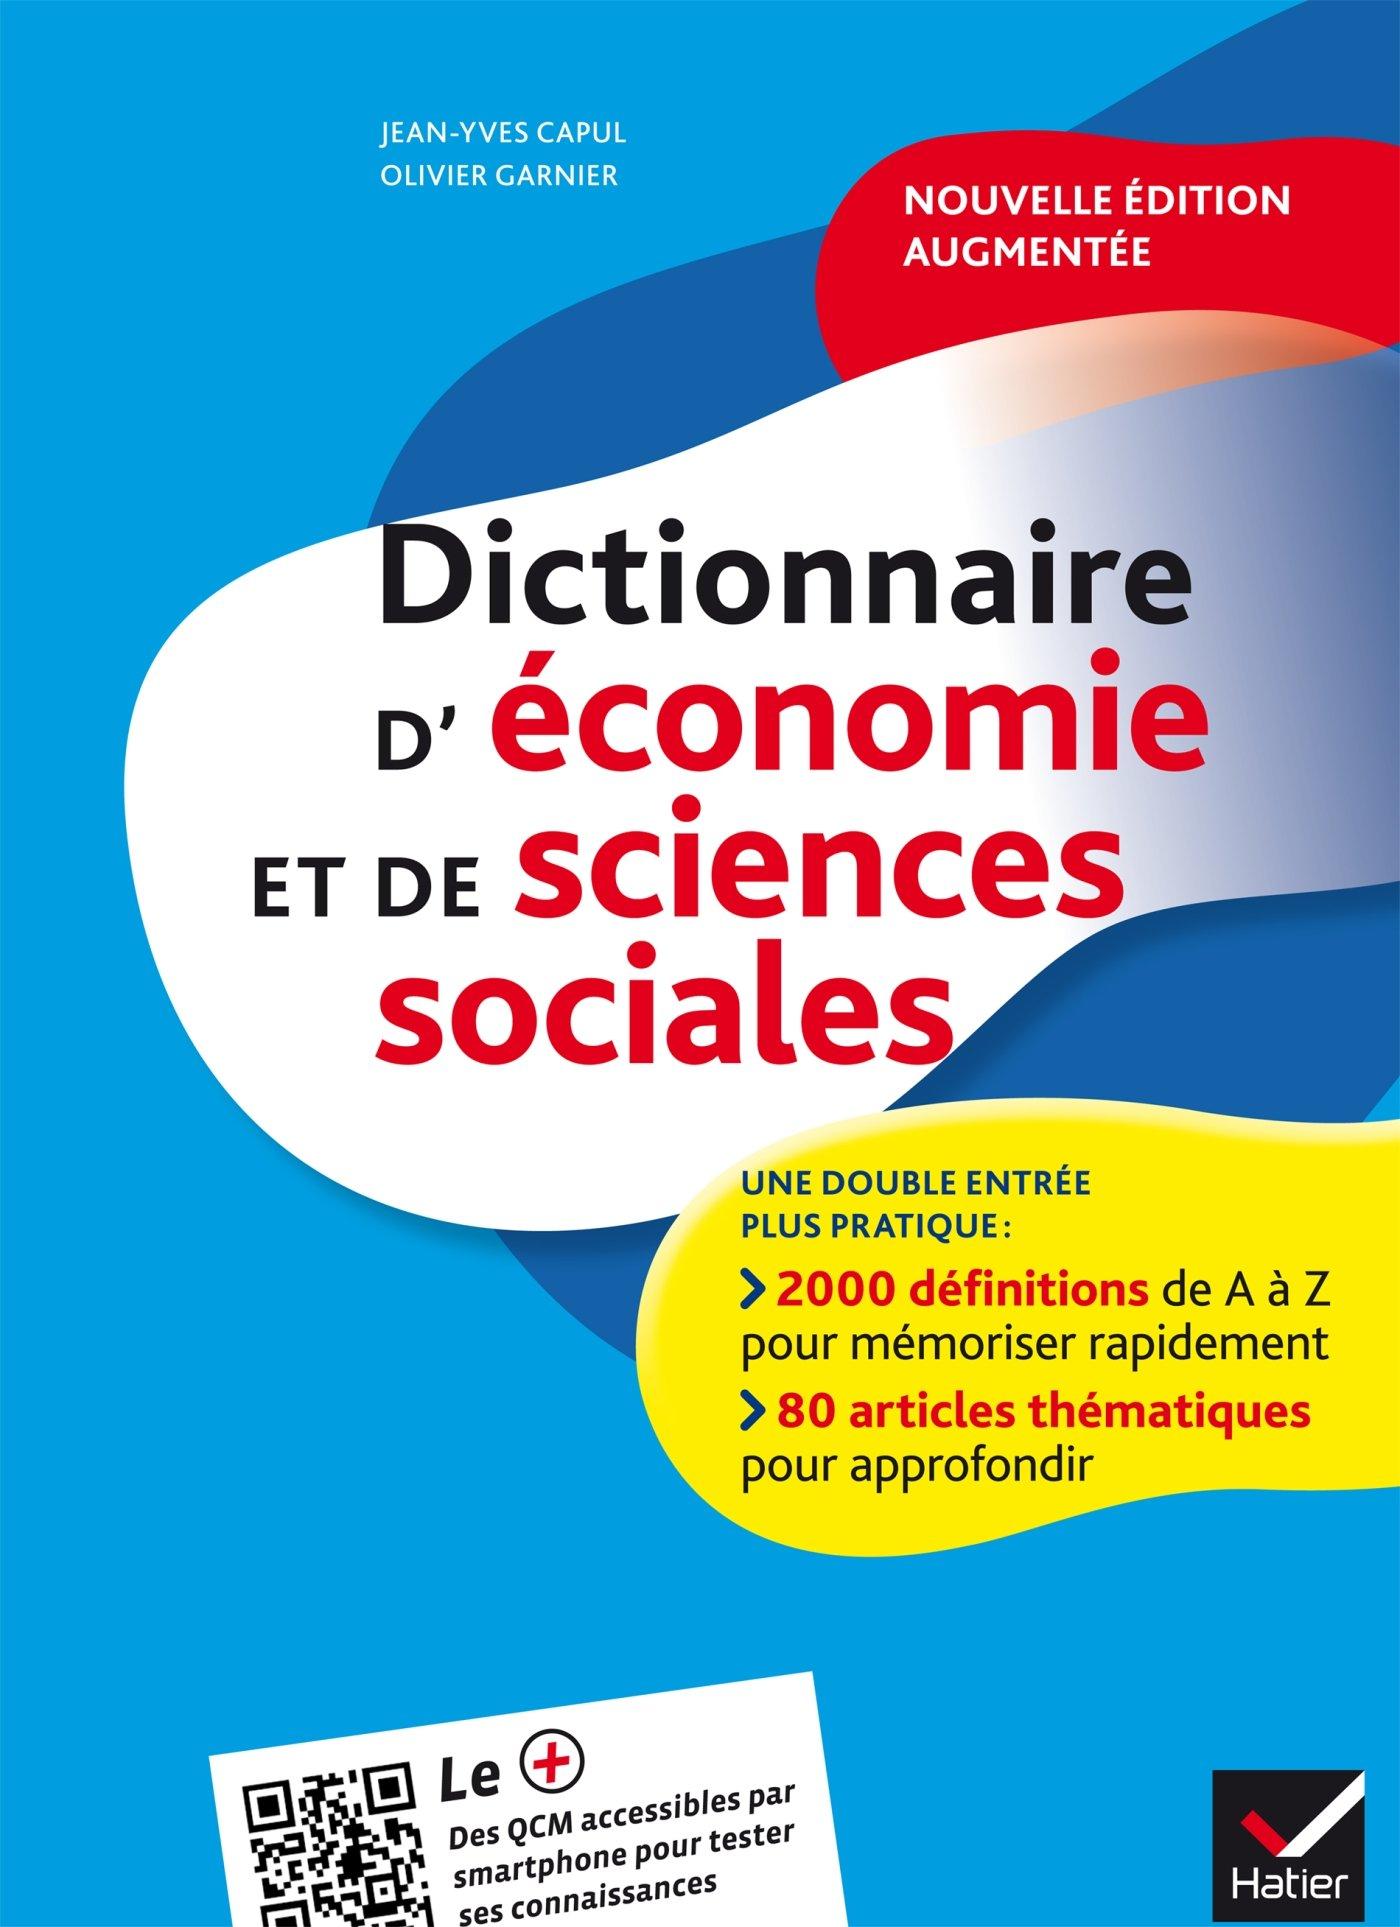 DICTIONNAIRE D' ECONOMIE ET SCIENCES SOCIALES 2ND ED